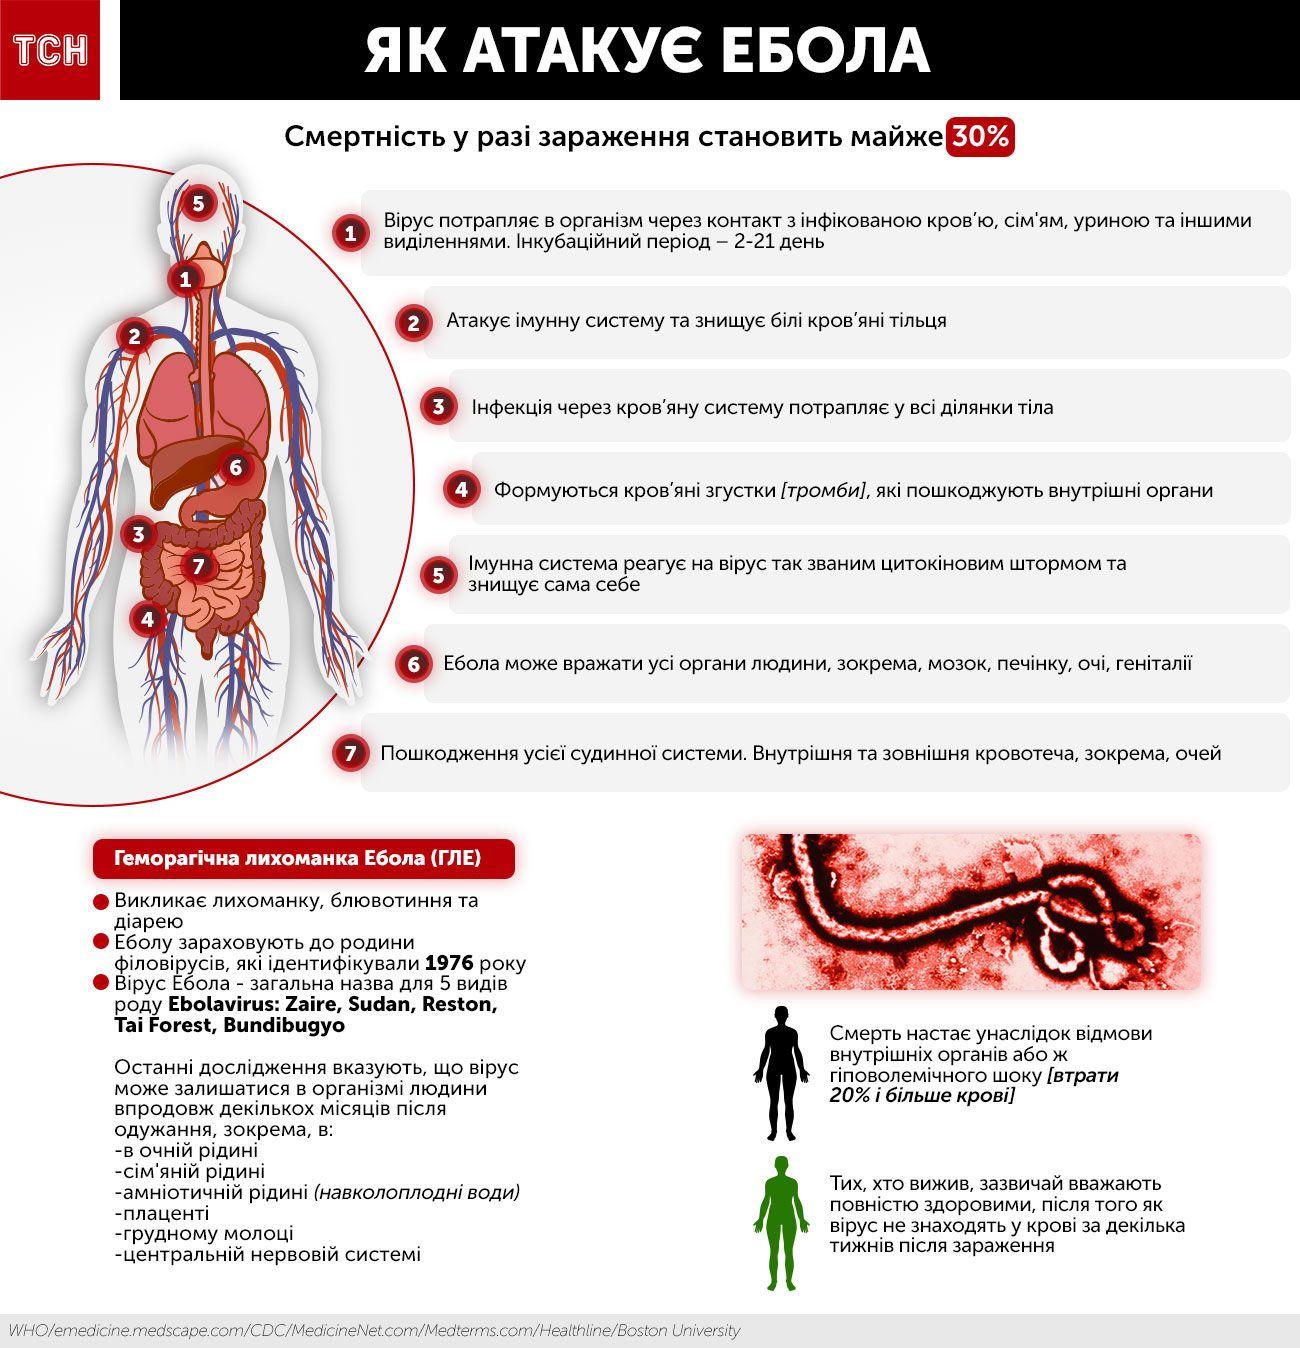 Ебола іг для фулсайза